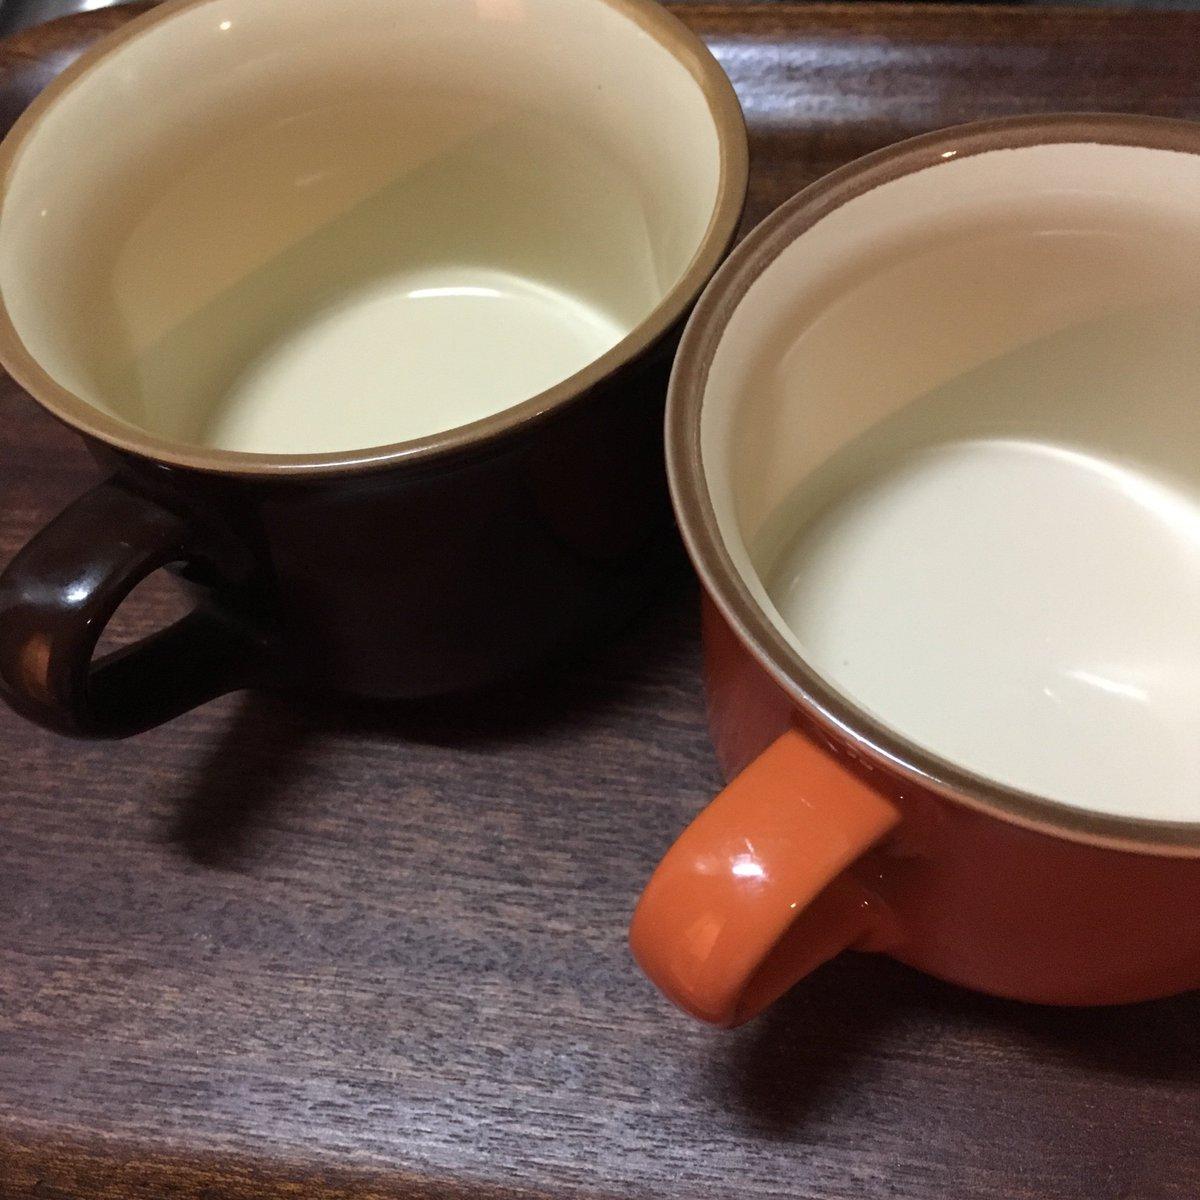 test ツイッターメディア - 長年使ってたスープカップが割れたから、セリアで似たようなの(同じの?)買ってきた。 色はオレンジにしたけど。 どこにでもありふれてる形だけど、同じのが買えると安心。 茶色は20年くらい前のやつ。 その頃はセリアは当然無かった。  #セリア https://t.co/Jv0SSplNnM